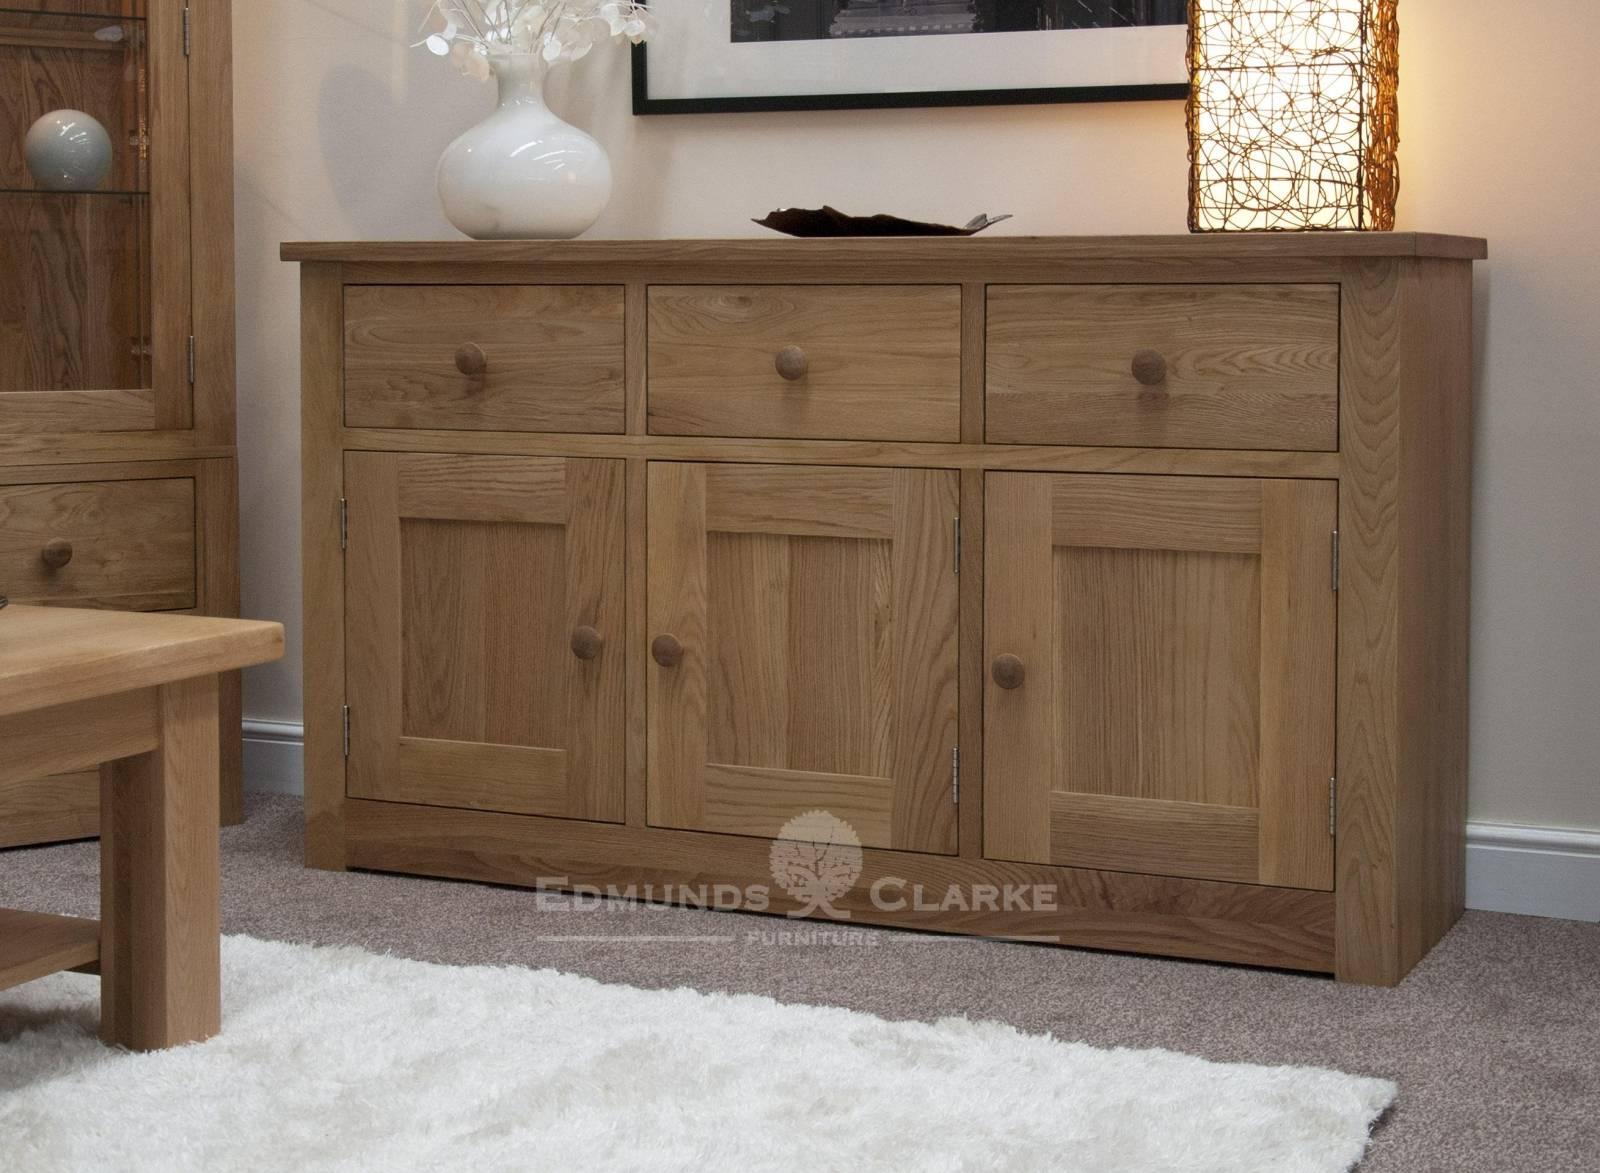 Oak Large Sideboard - Oak Sideboards For The Kitchen, Dining Room inside Lounge Sideboards (Image 8 of 15)